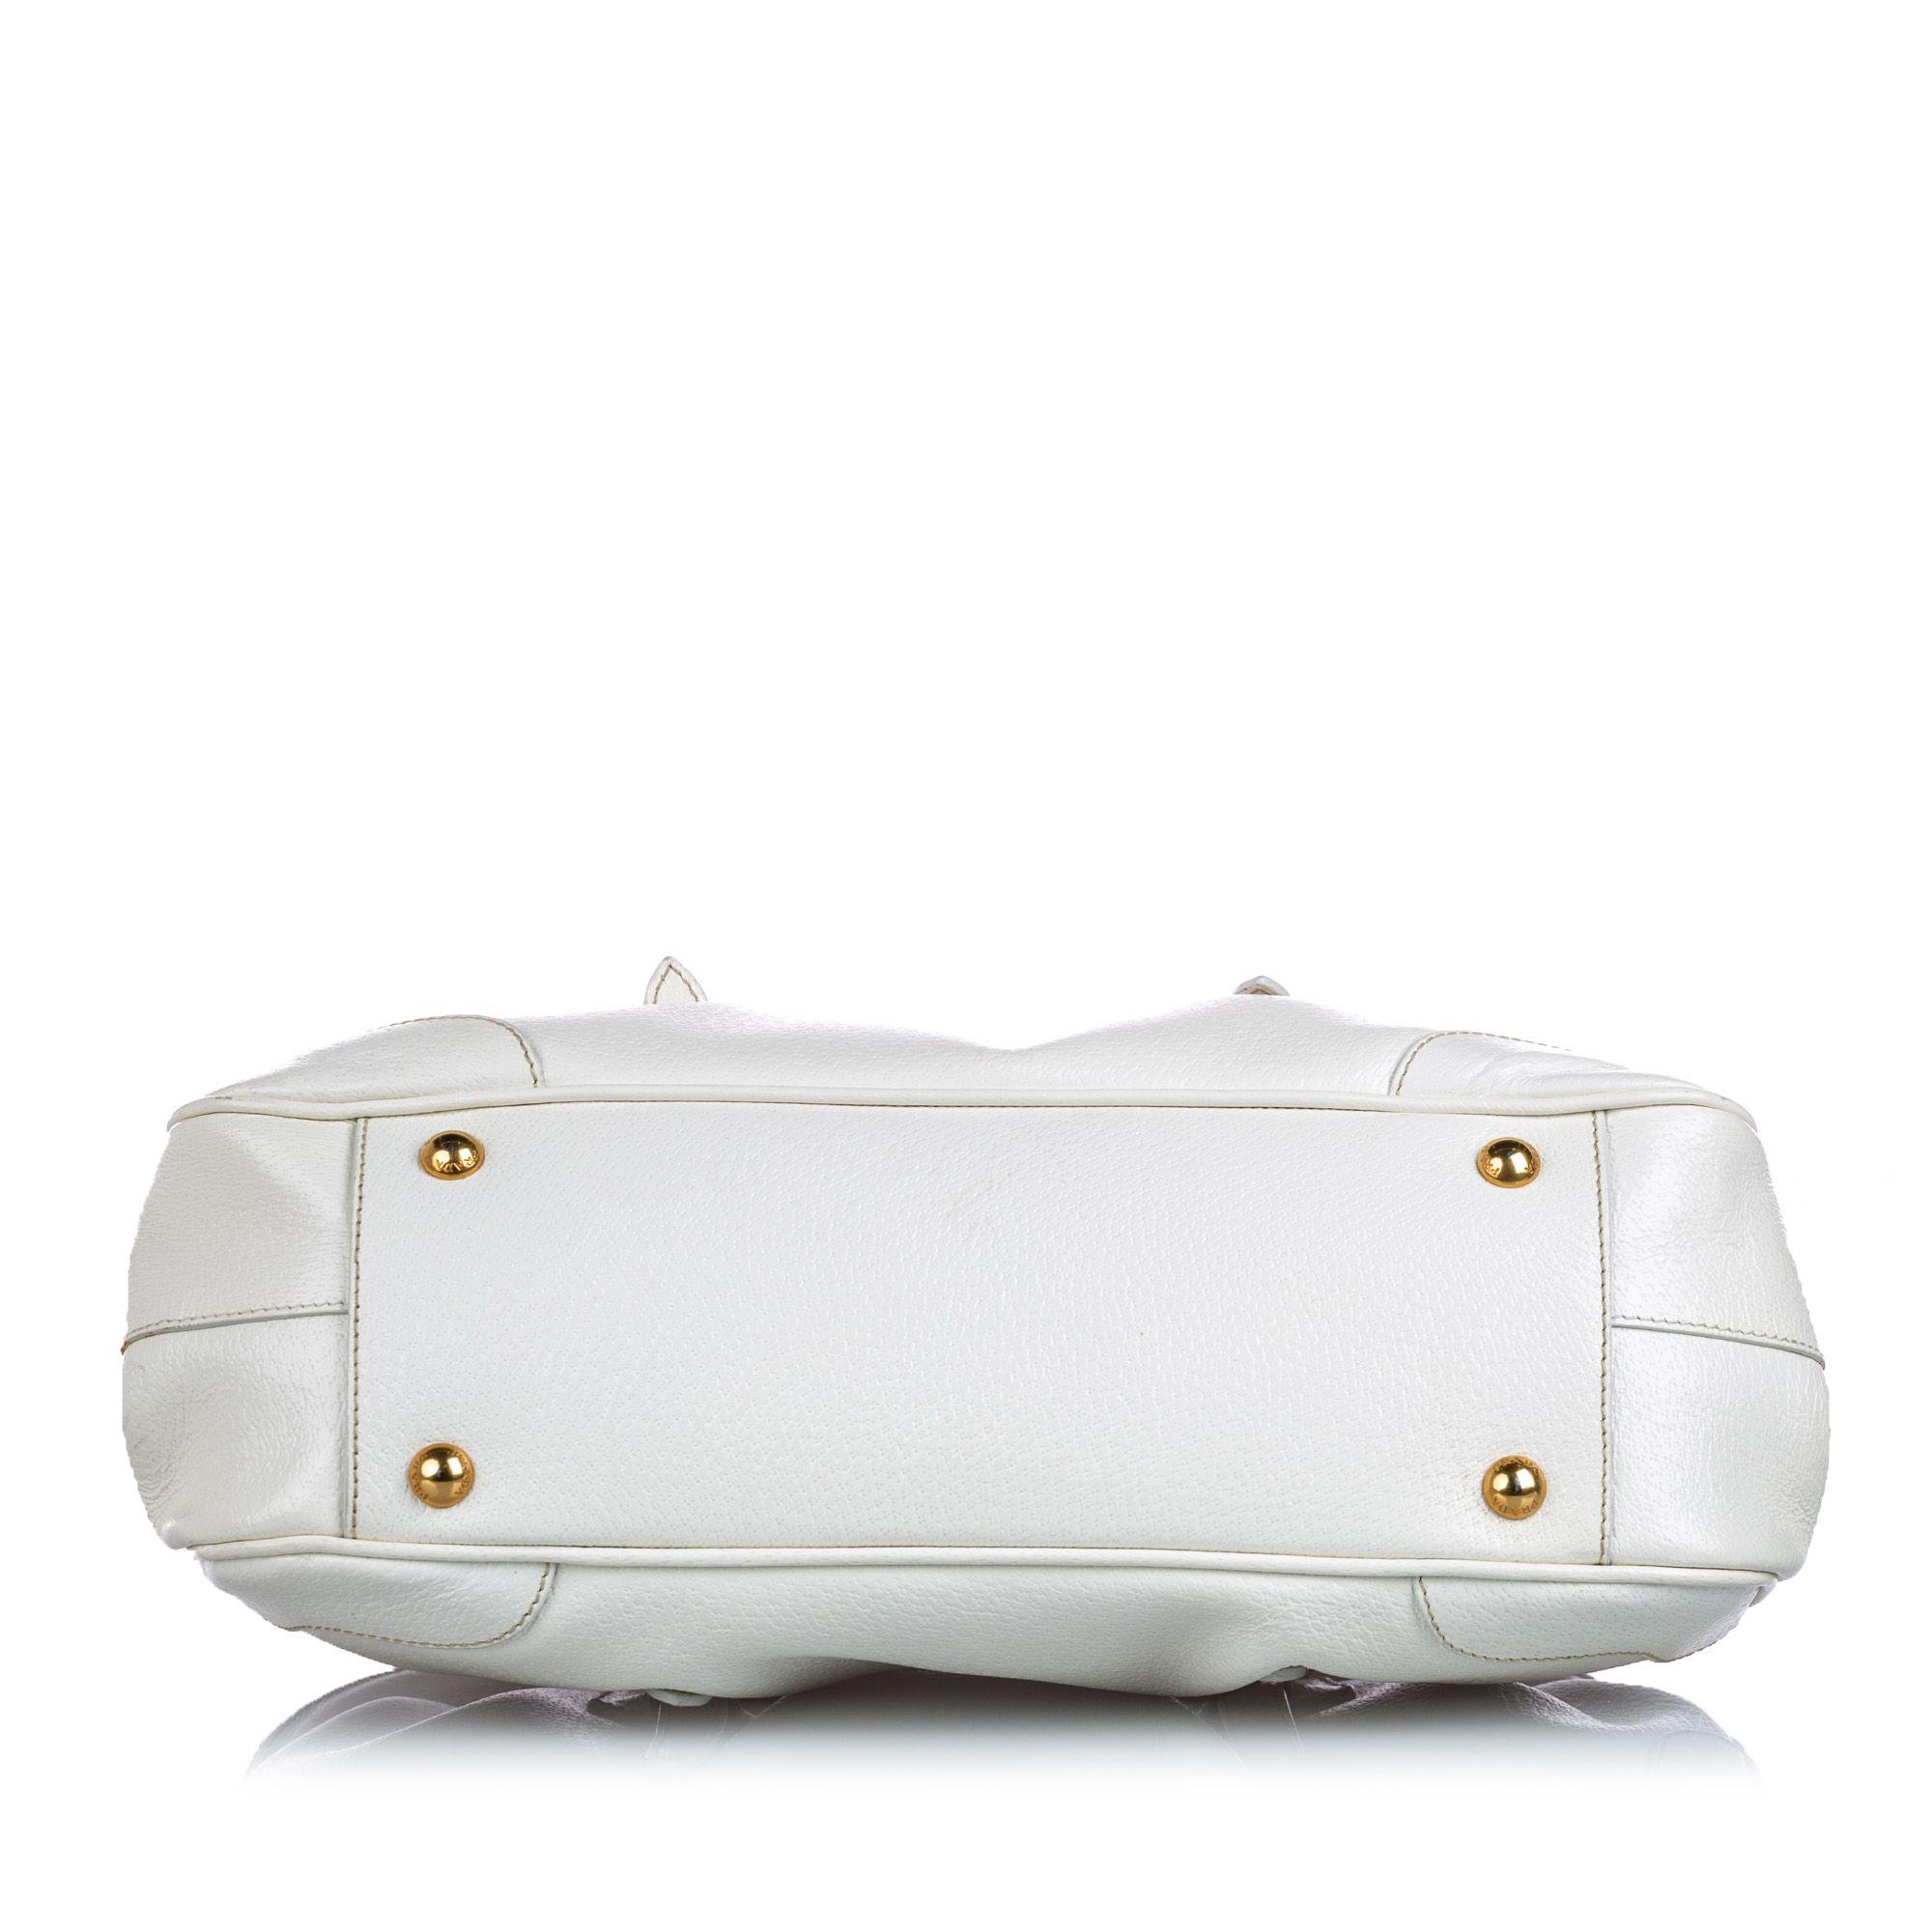 Vintage Prada Cinghiale Frame Shoulder Bag White